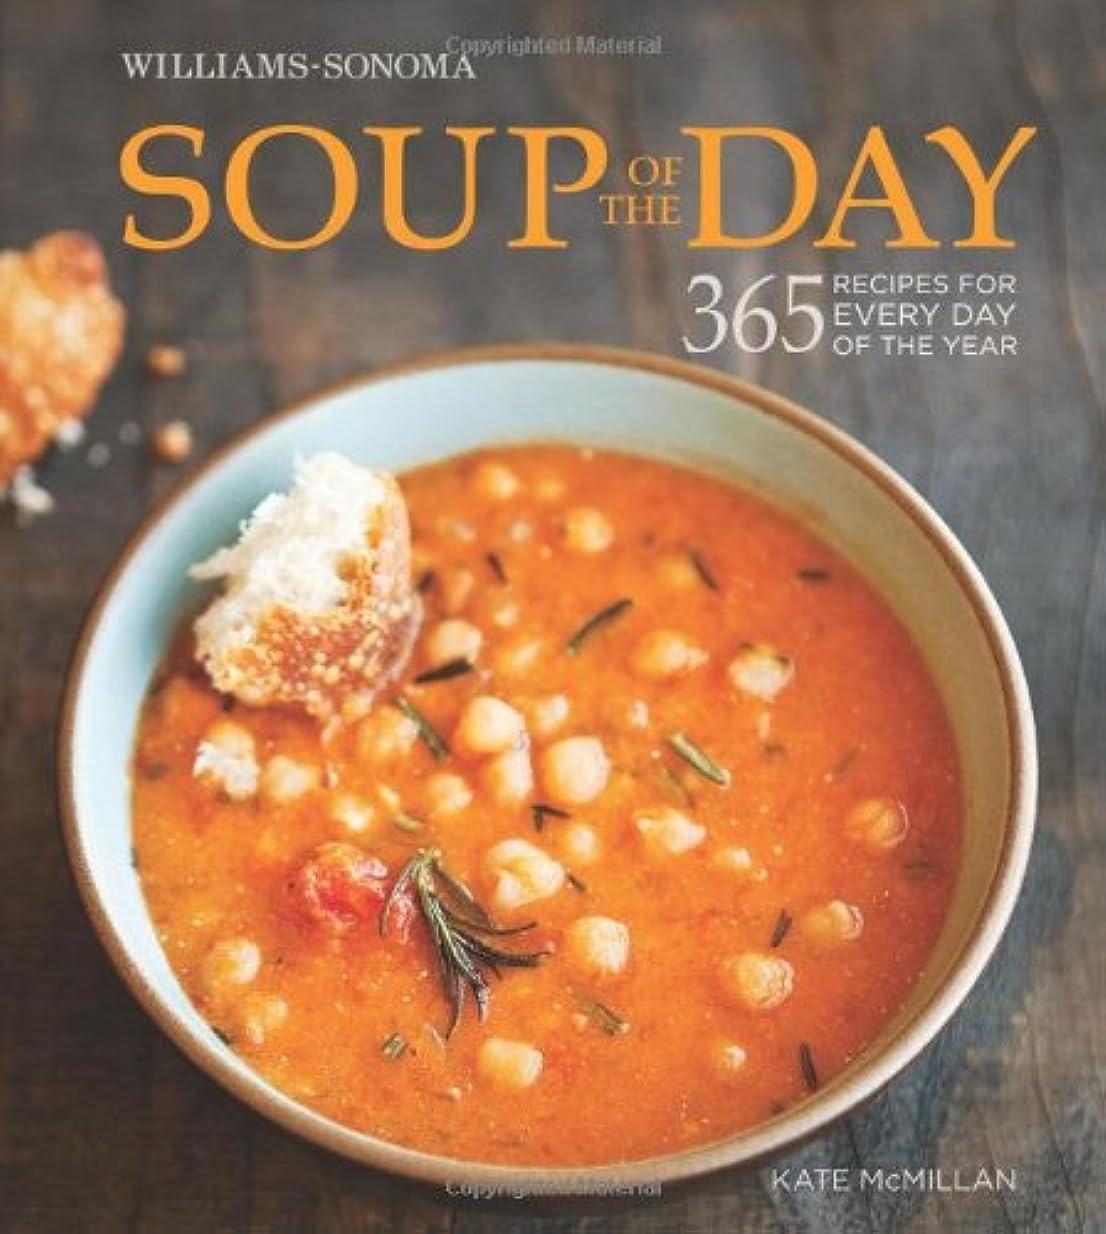 シングル解明する読書をするThe Big Book of Soups and Stews: 262 Recipes for Serious Comfort Food